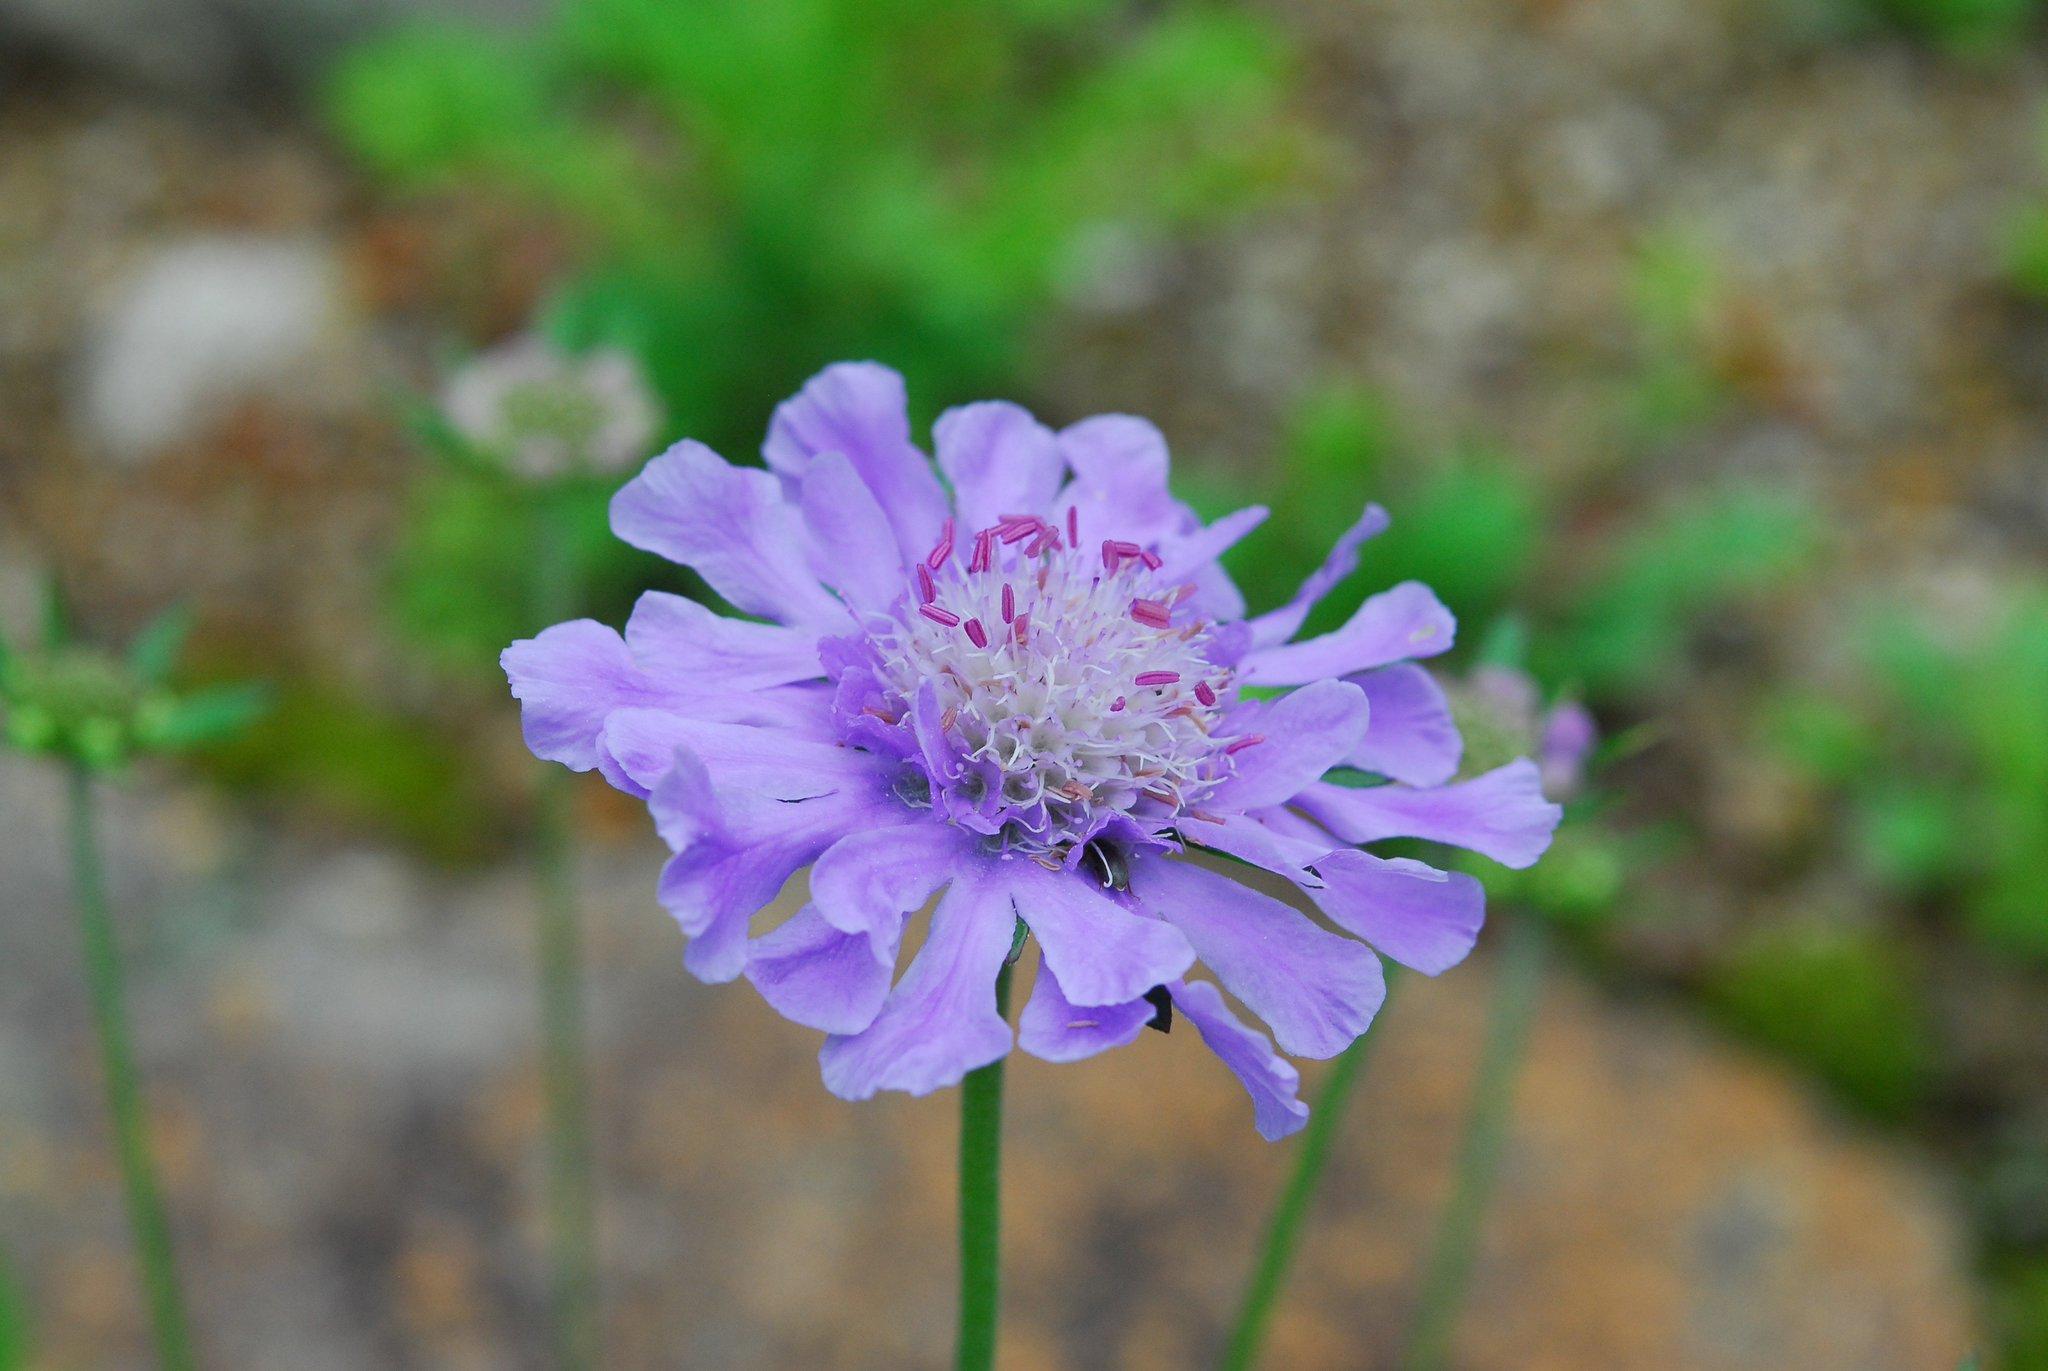 #タカネマツムシソウ の花が咲いています。  高山帯の草地や礫地に生える越年草。 日本固有の植物。 通常のマツムシソウの高山型の種類です。  穏やかな印象の花色。 花の上、虫さんがのんびり休憩中。 https://t.co/Kp8LCPKSho